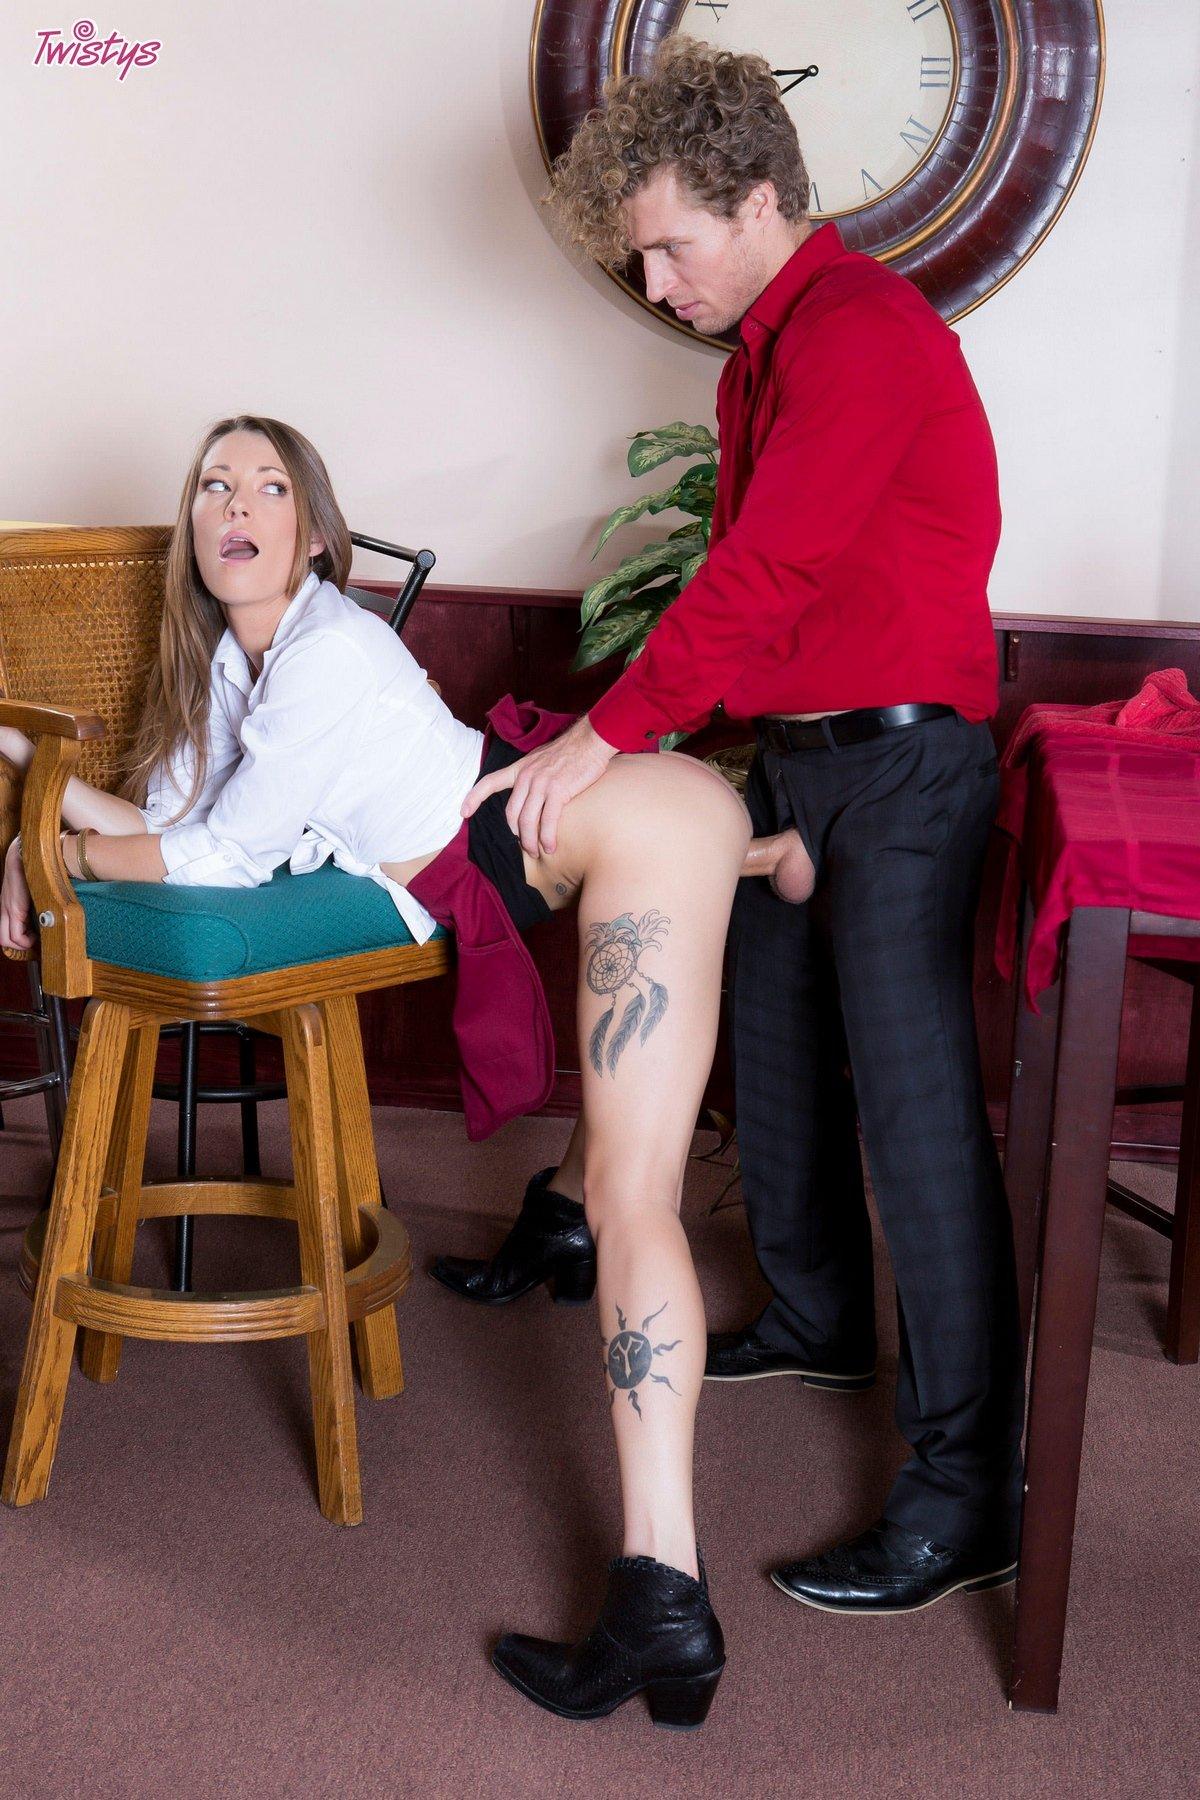 Порнофото траха с официанткой в кафе